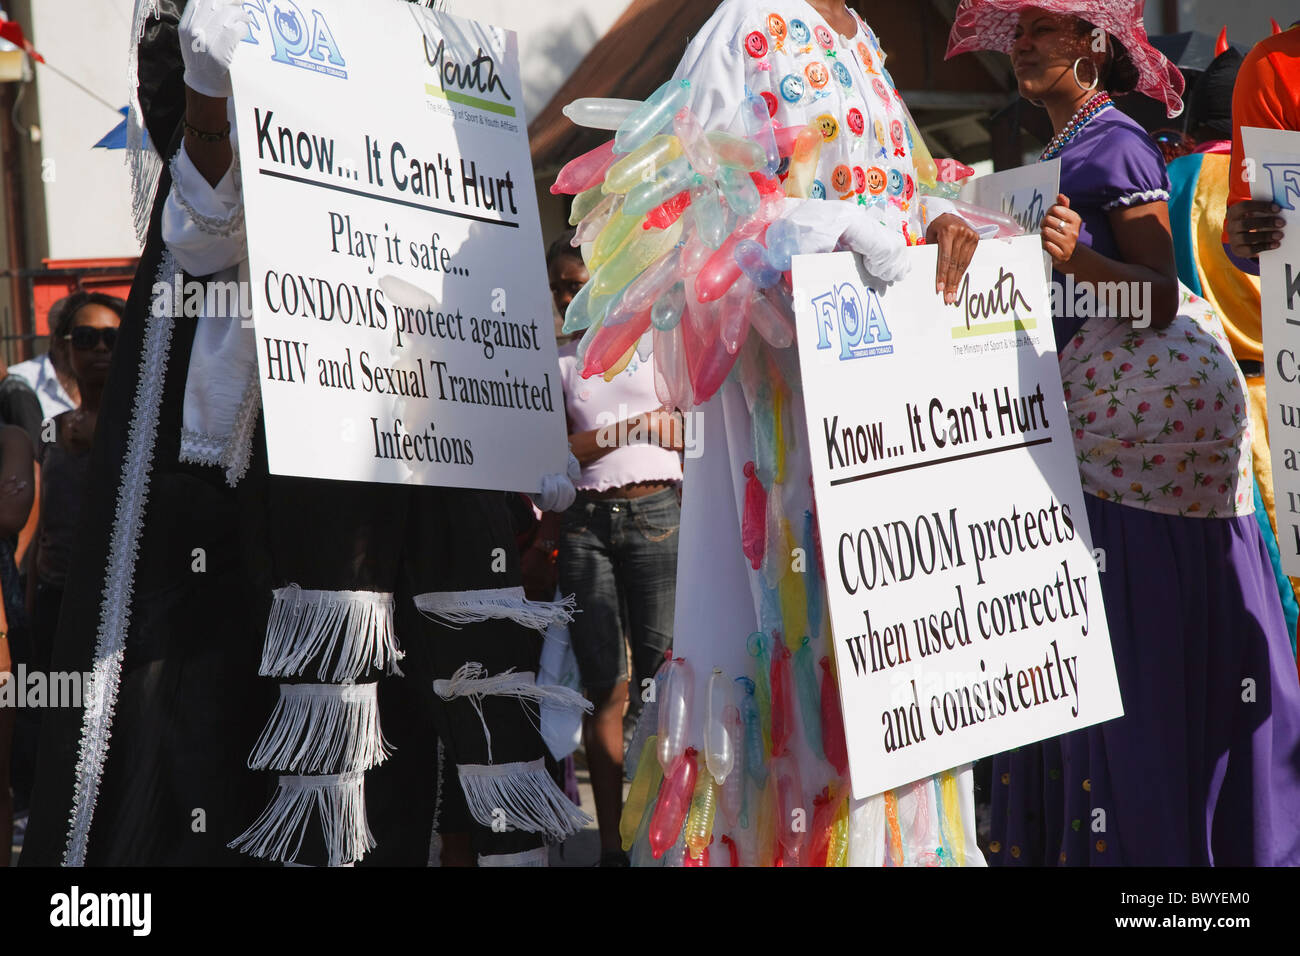 Traditional Mas parade, Ole mas social awareness for HIV aids - Stock Image